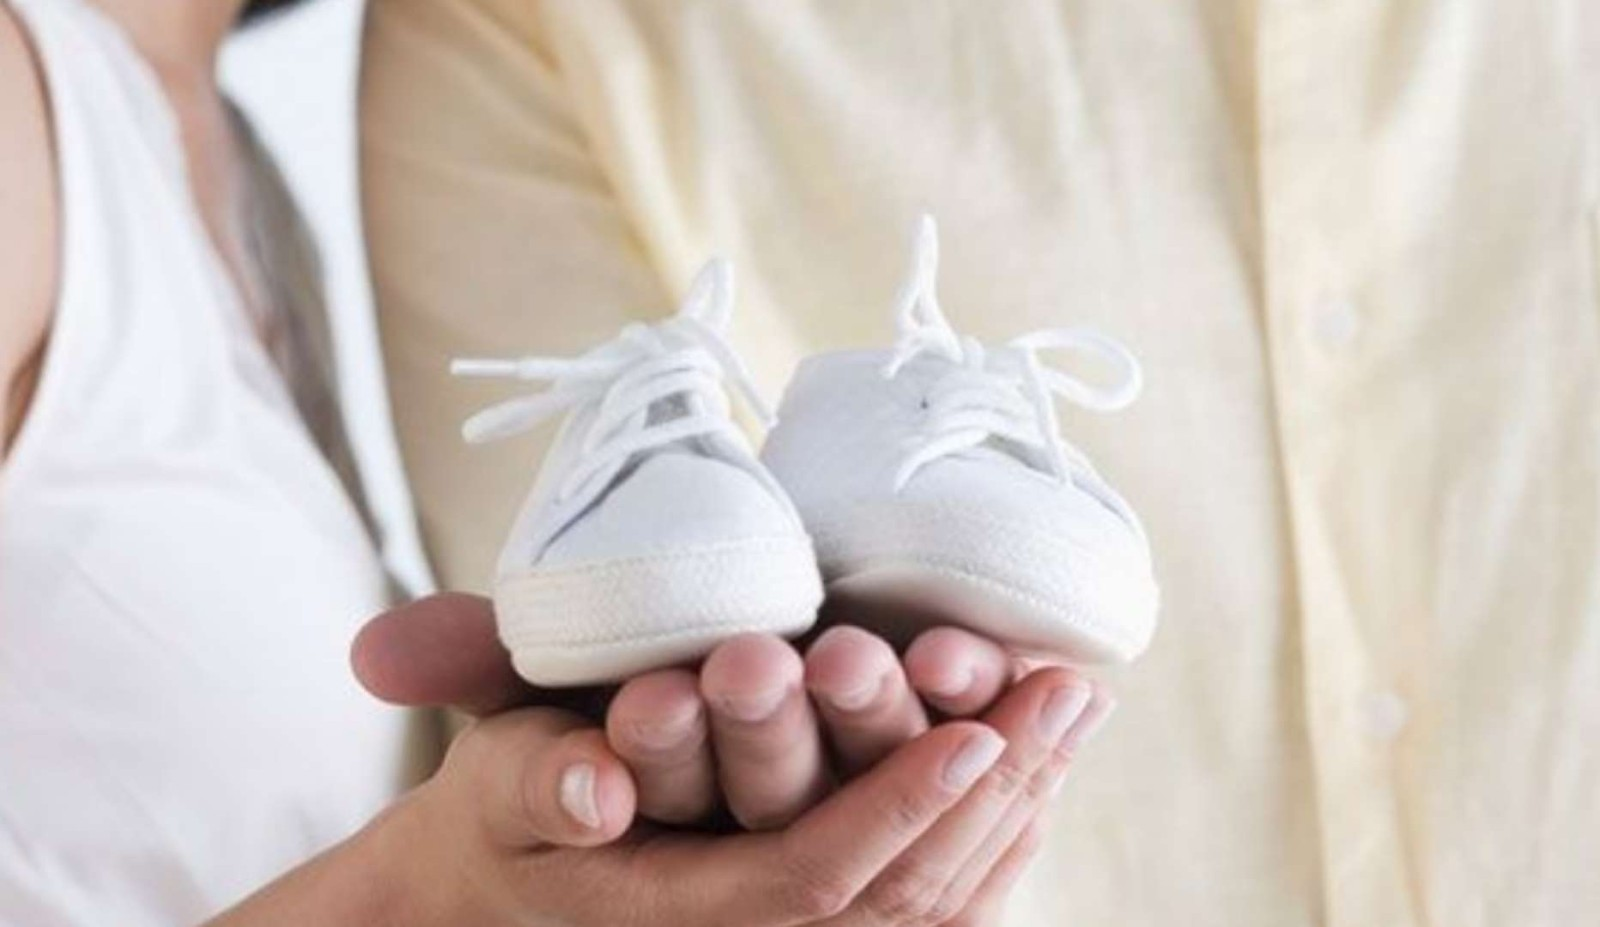 男友家8月提亲,却要我现在就备孕,我不同意就生气了,大家咋看未婚先孕?